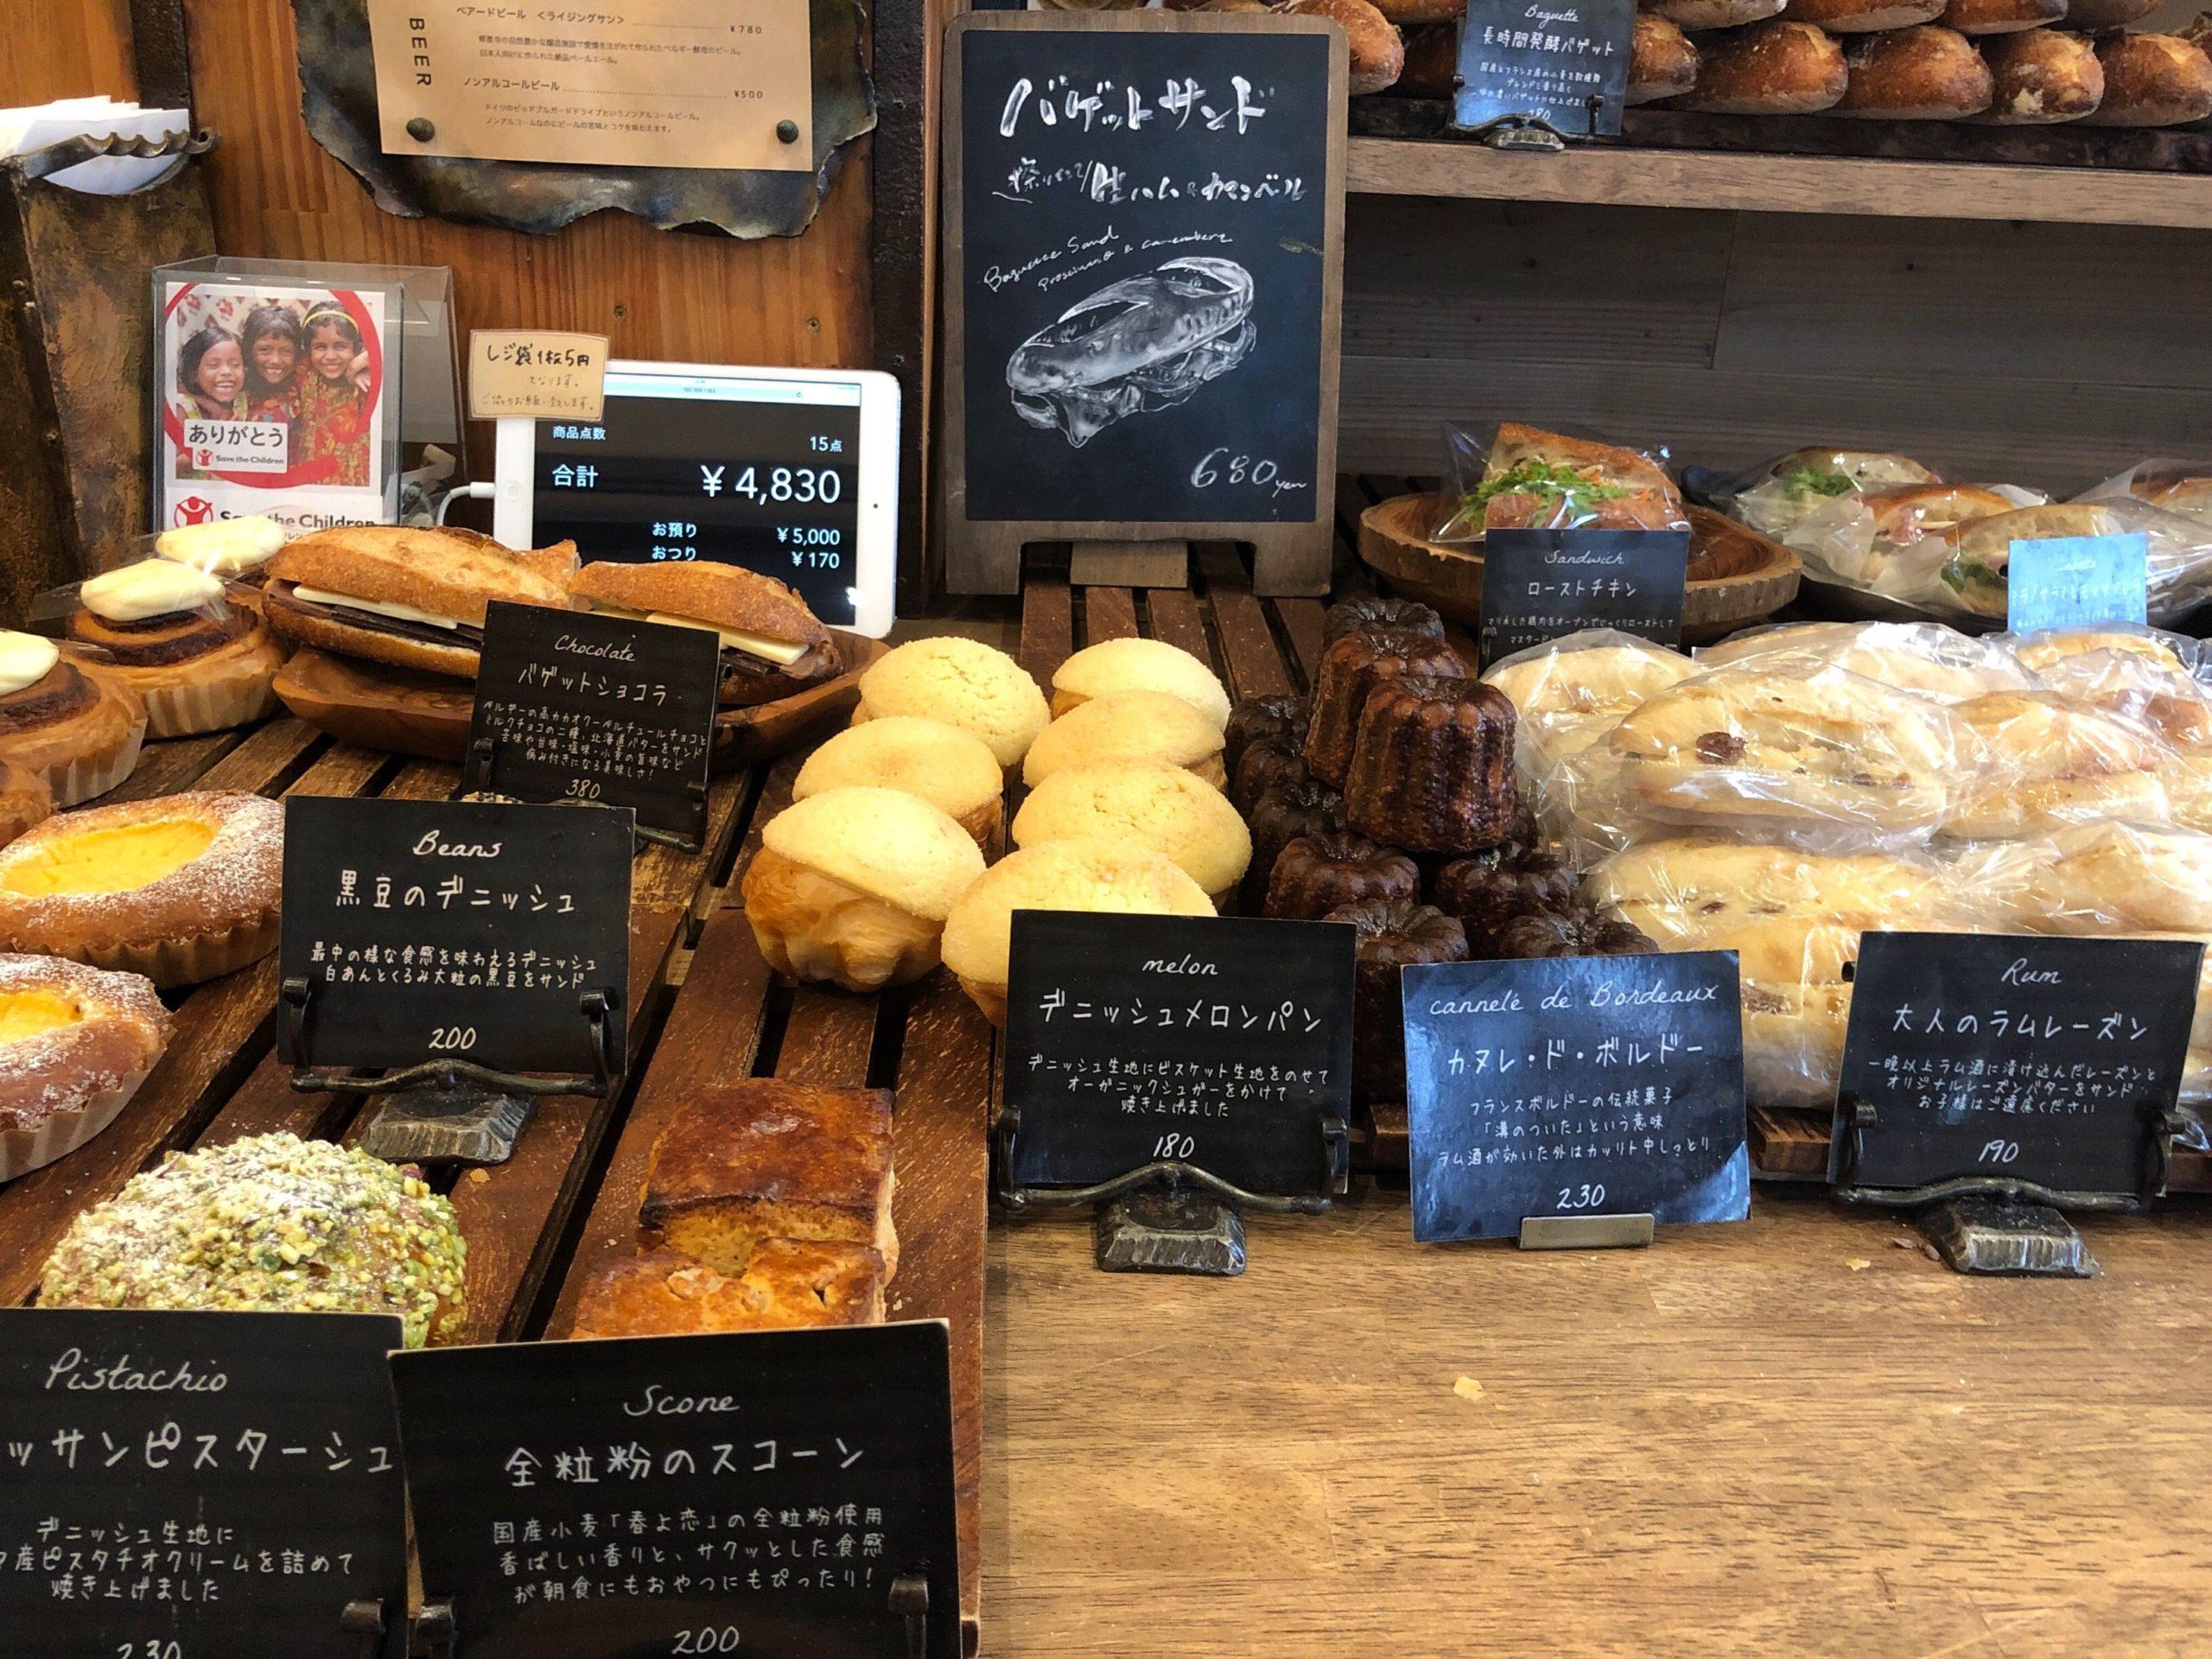 丘の上のパン屋の店内